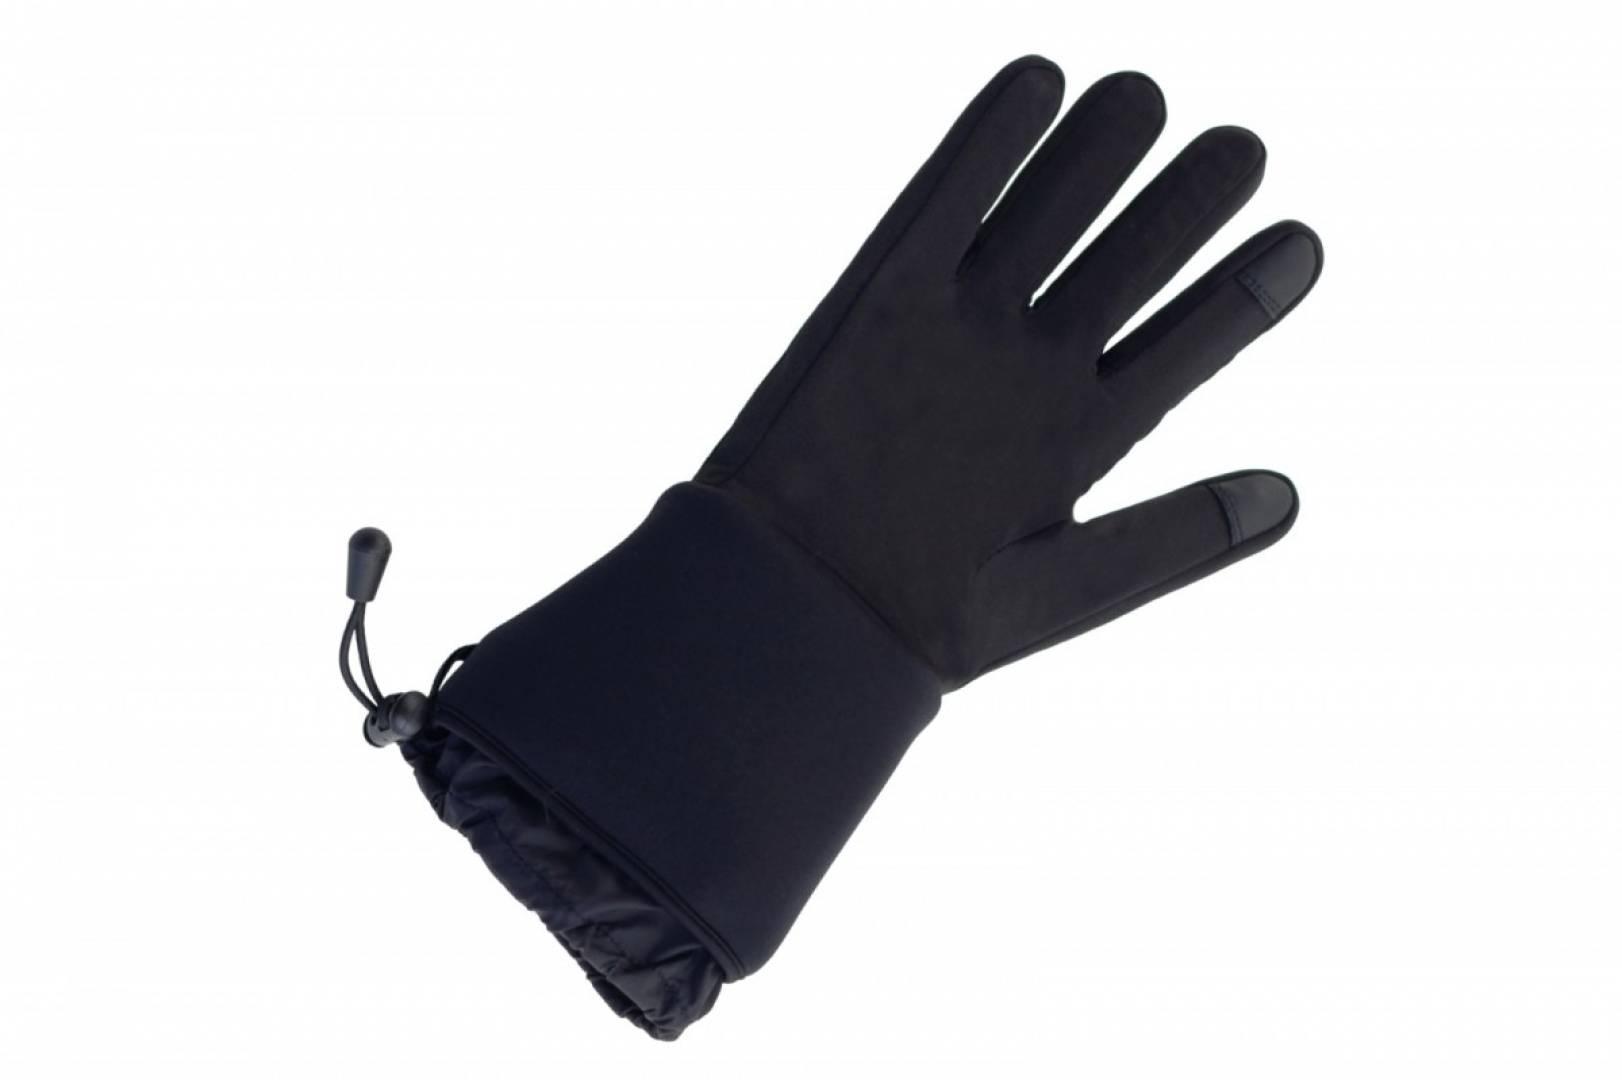 Rękawiczki ogrzewane - Glovii, czarne L-XL